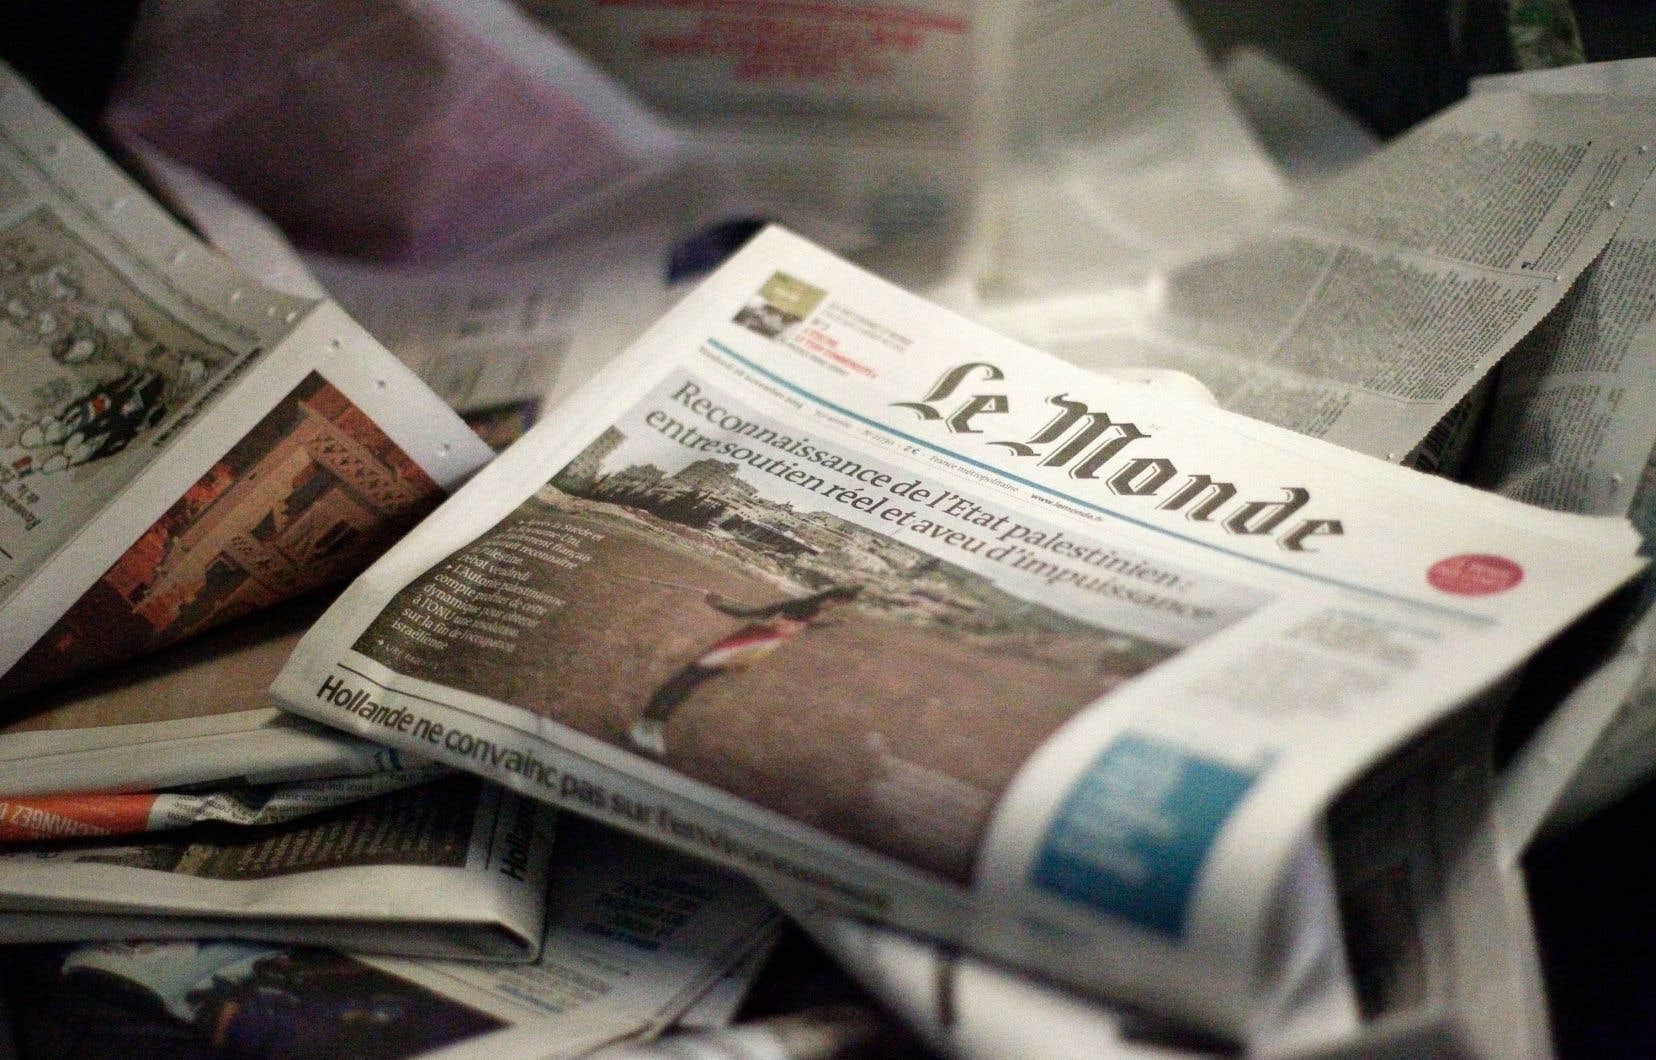 Les équipes des rédactions du journal «Le Monde» et du journal «Le Devoir» collaborent pour réaliser une version montréalaise du festival.